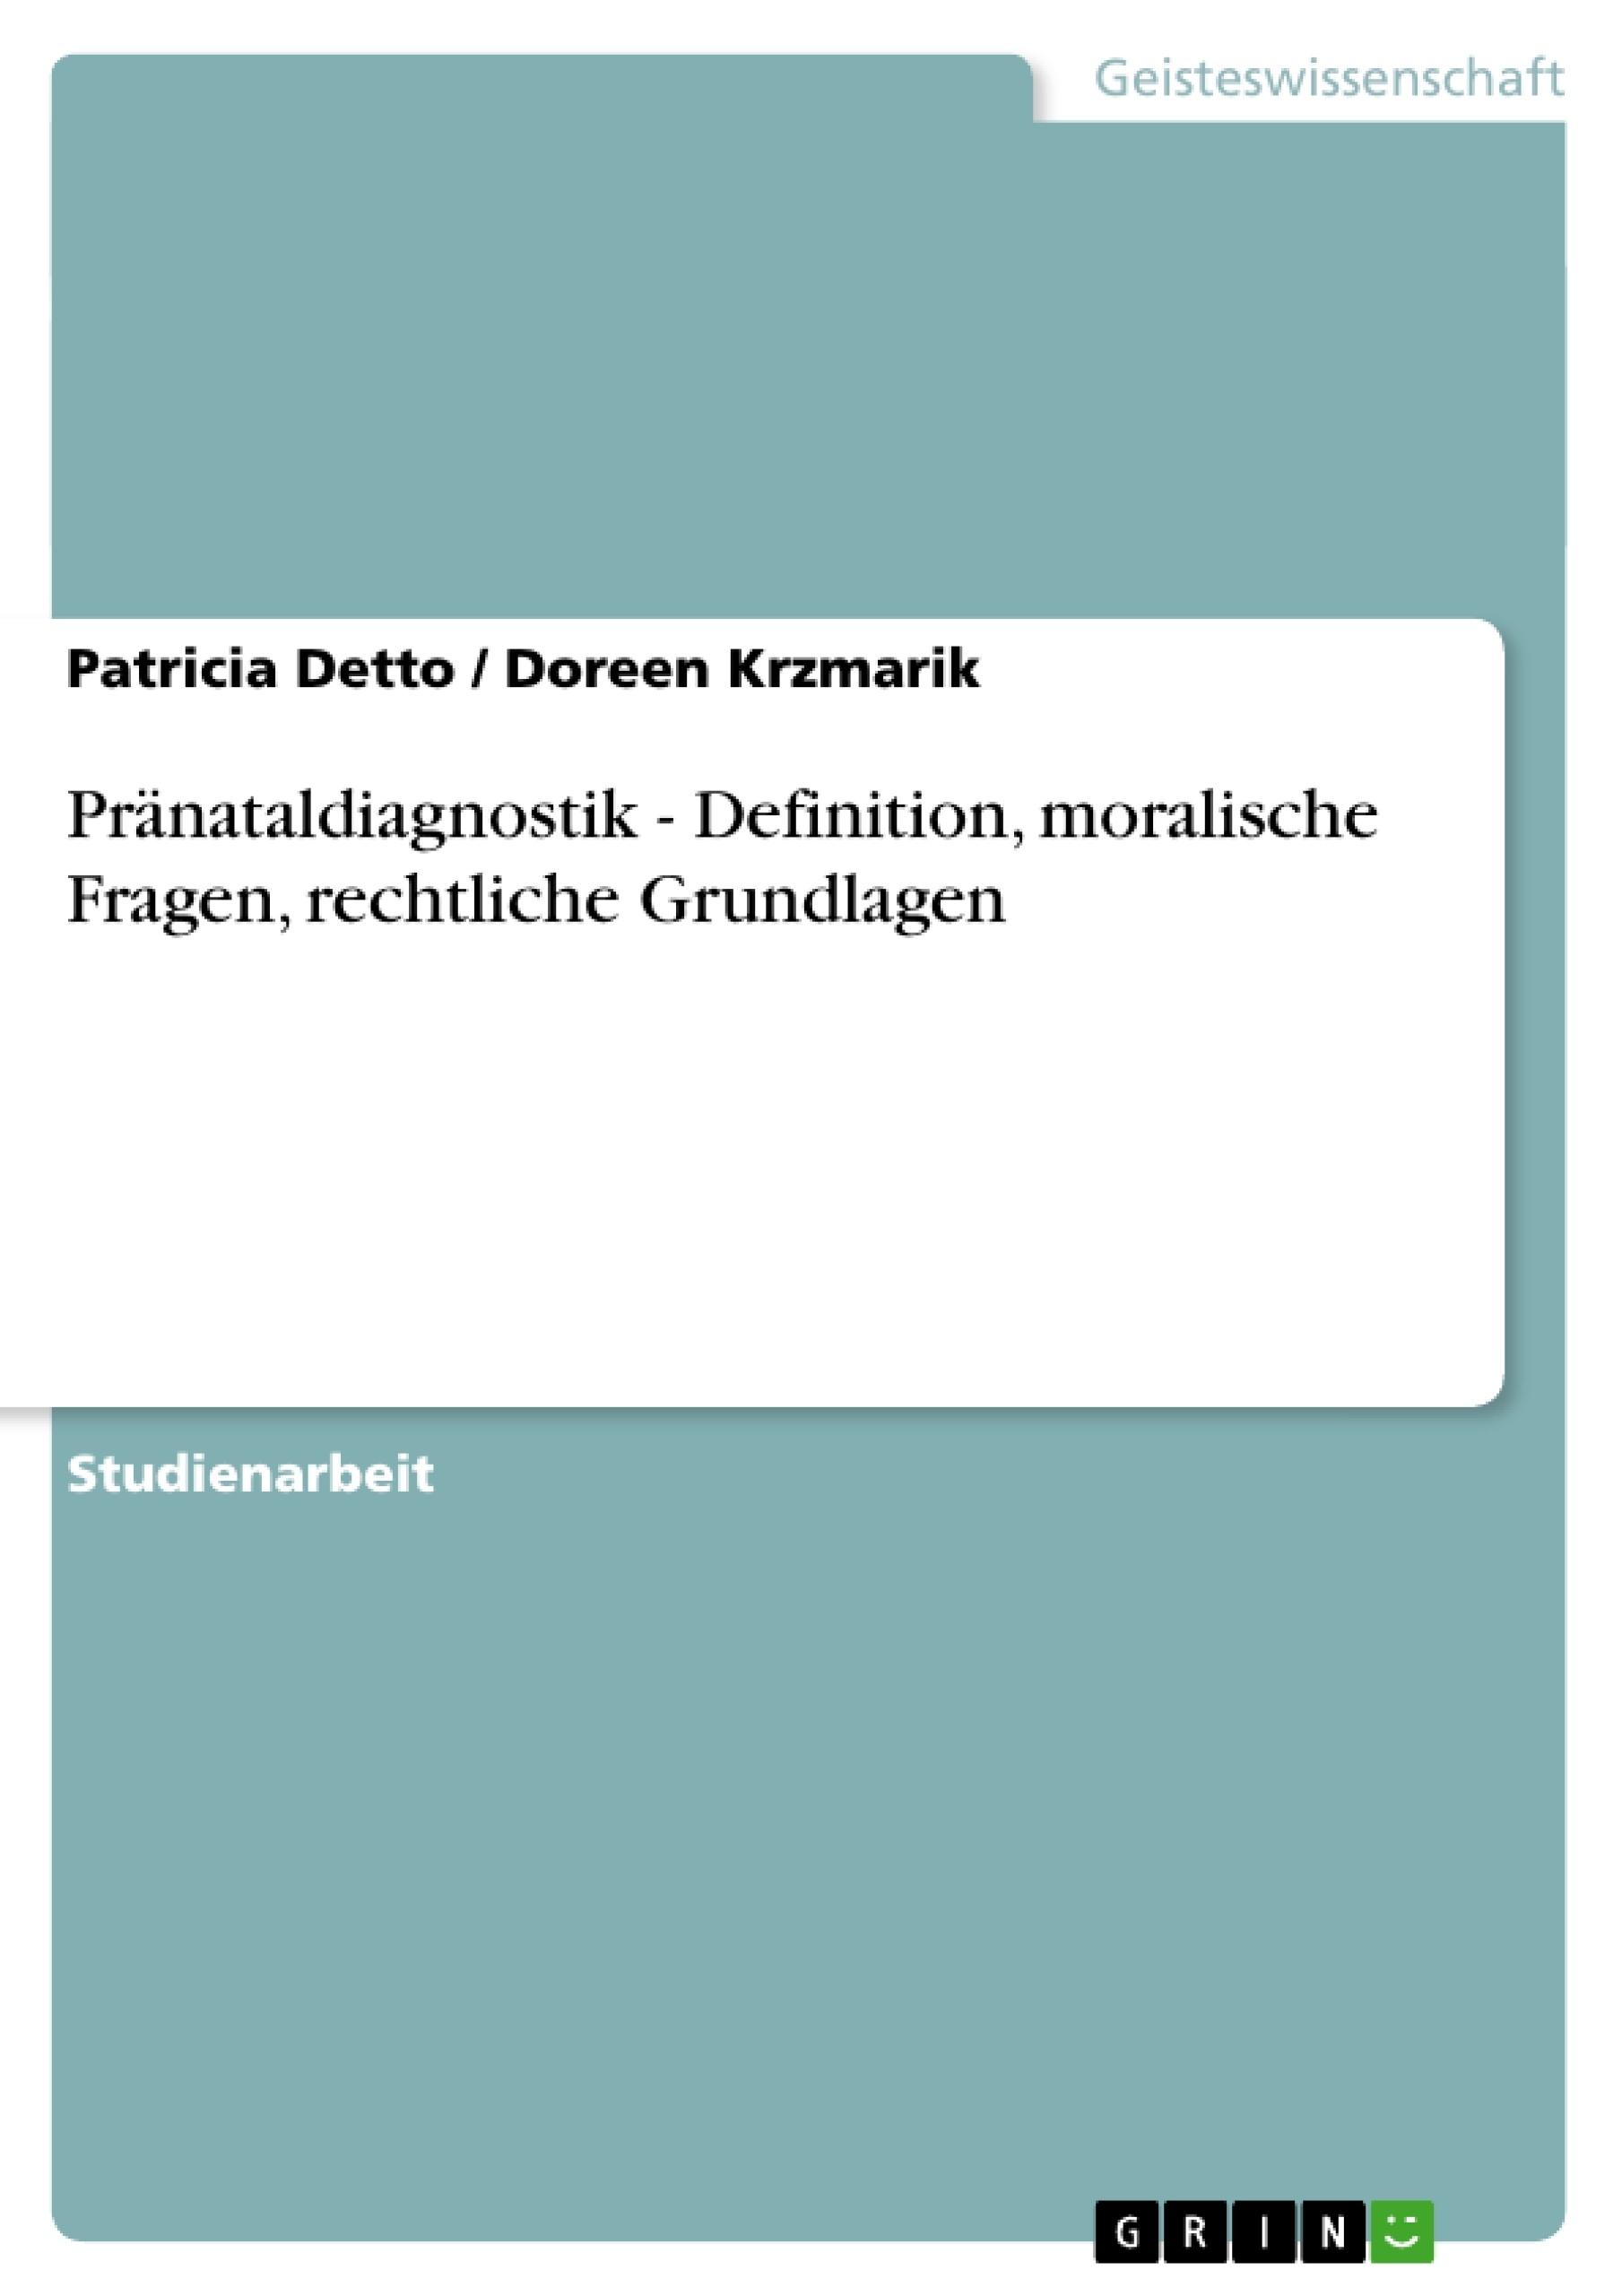 Titel: Pränataldiagnostik - Definition, moralische Fragen, rechtliche Grundlagen